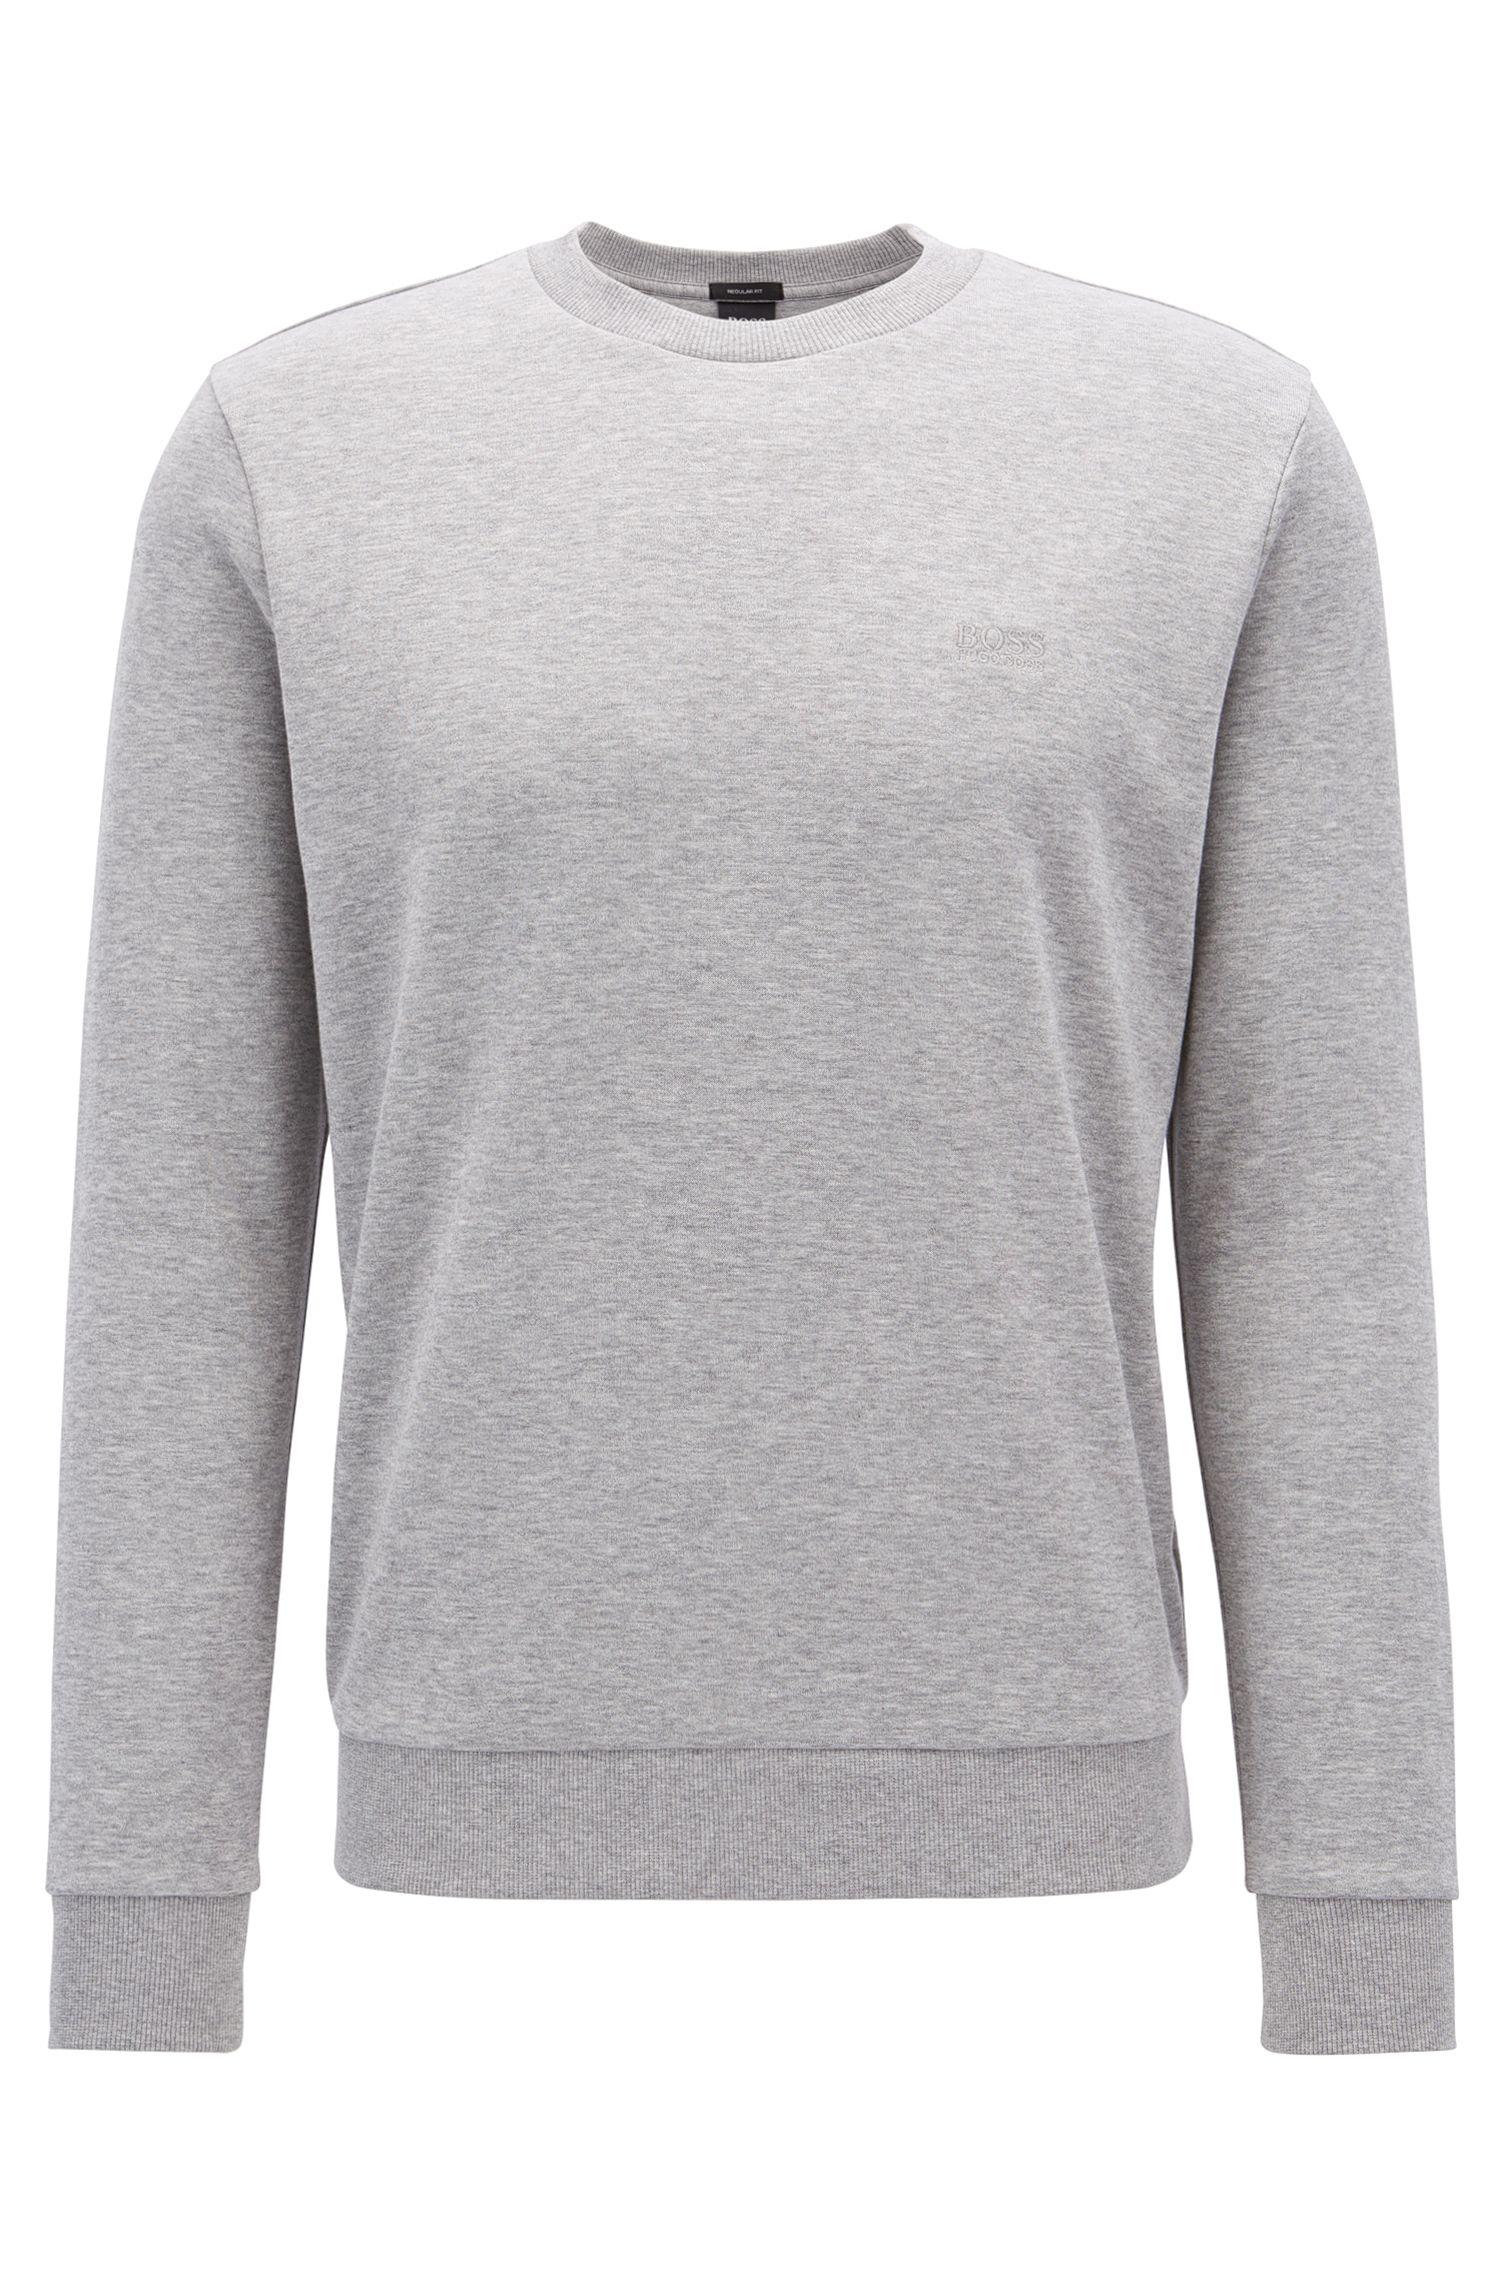 Sweatshirt mit Rundhalsausschnitt und Logo-Stickerei, Hellgrau